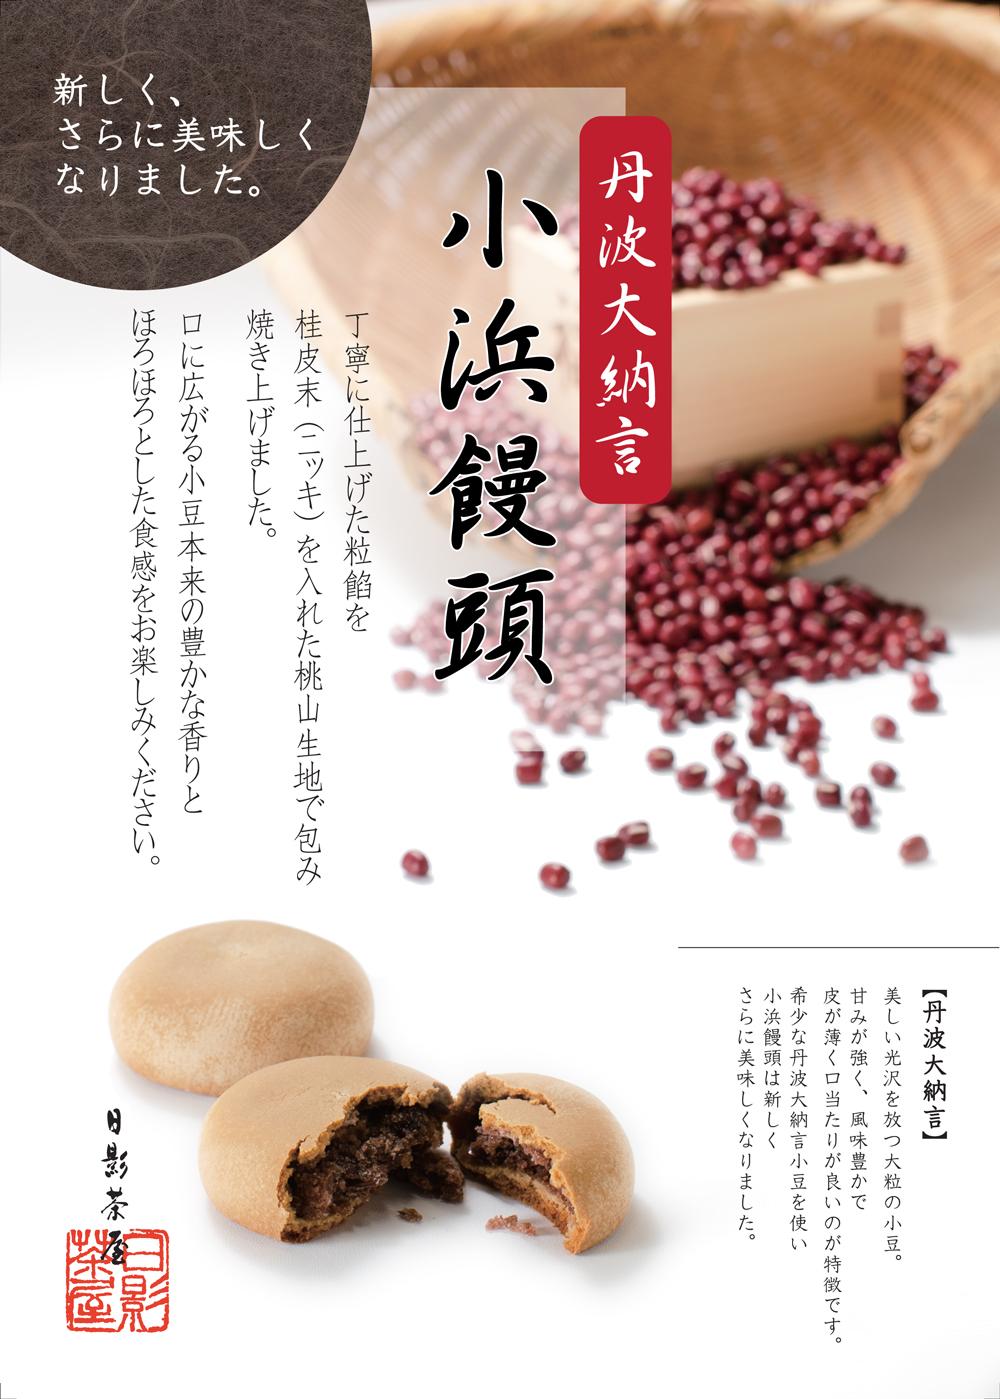 【和菓子】小浜饅頭_リニューアル_pop_AW2